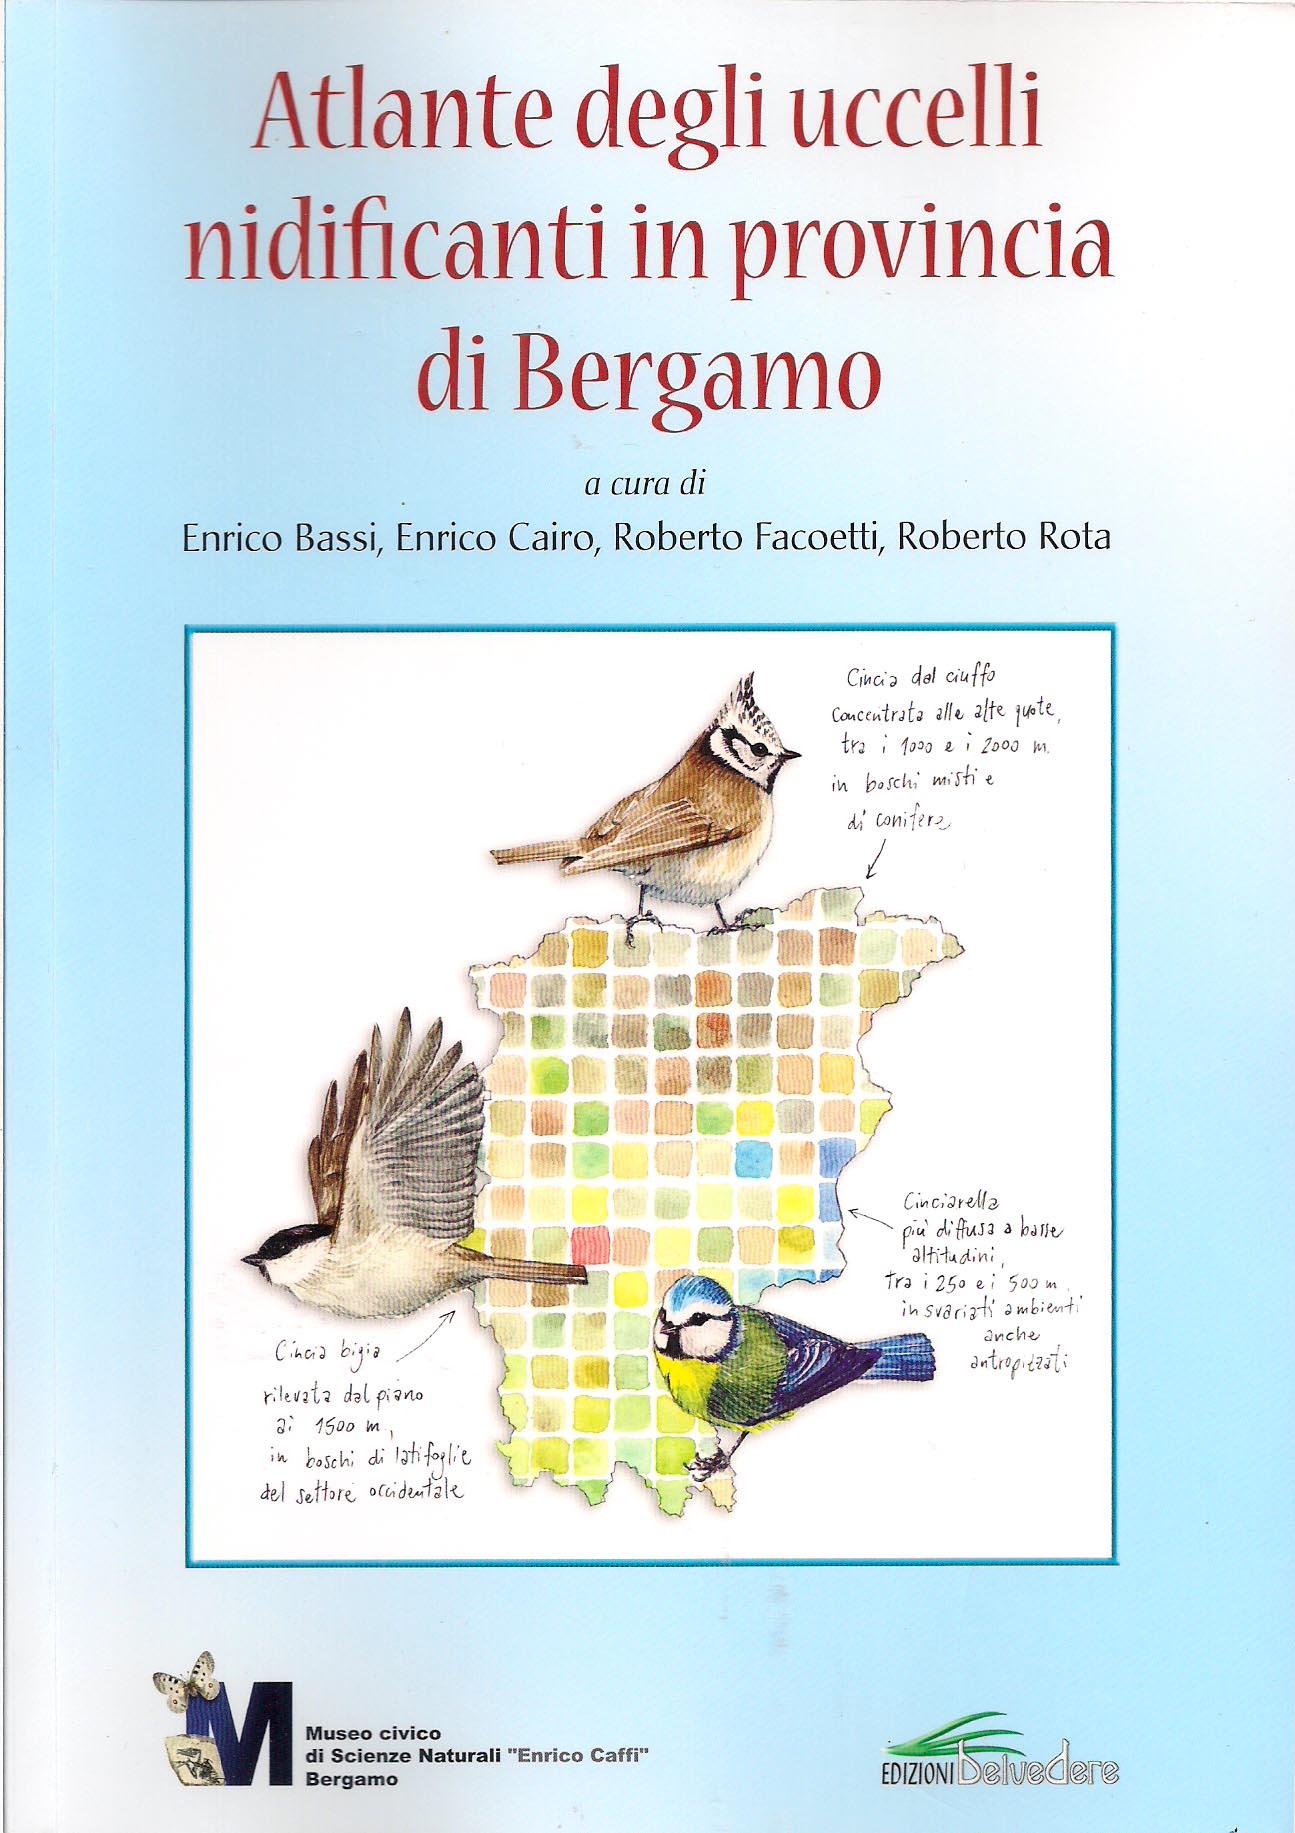 atlante-degli-uccelli-nidificanti-in-provincia-di-bergamo-cop